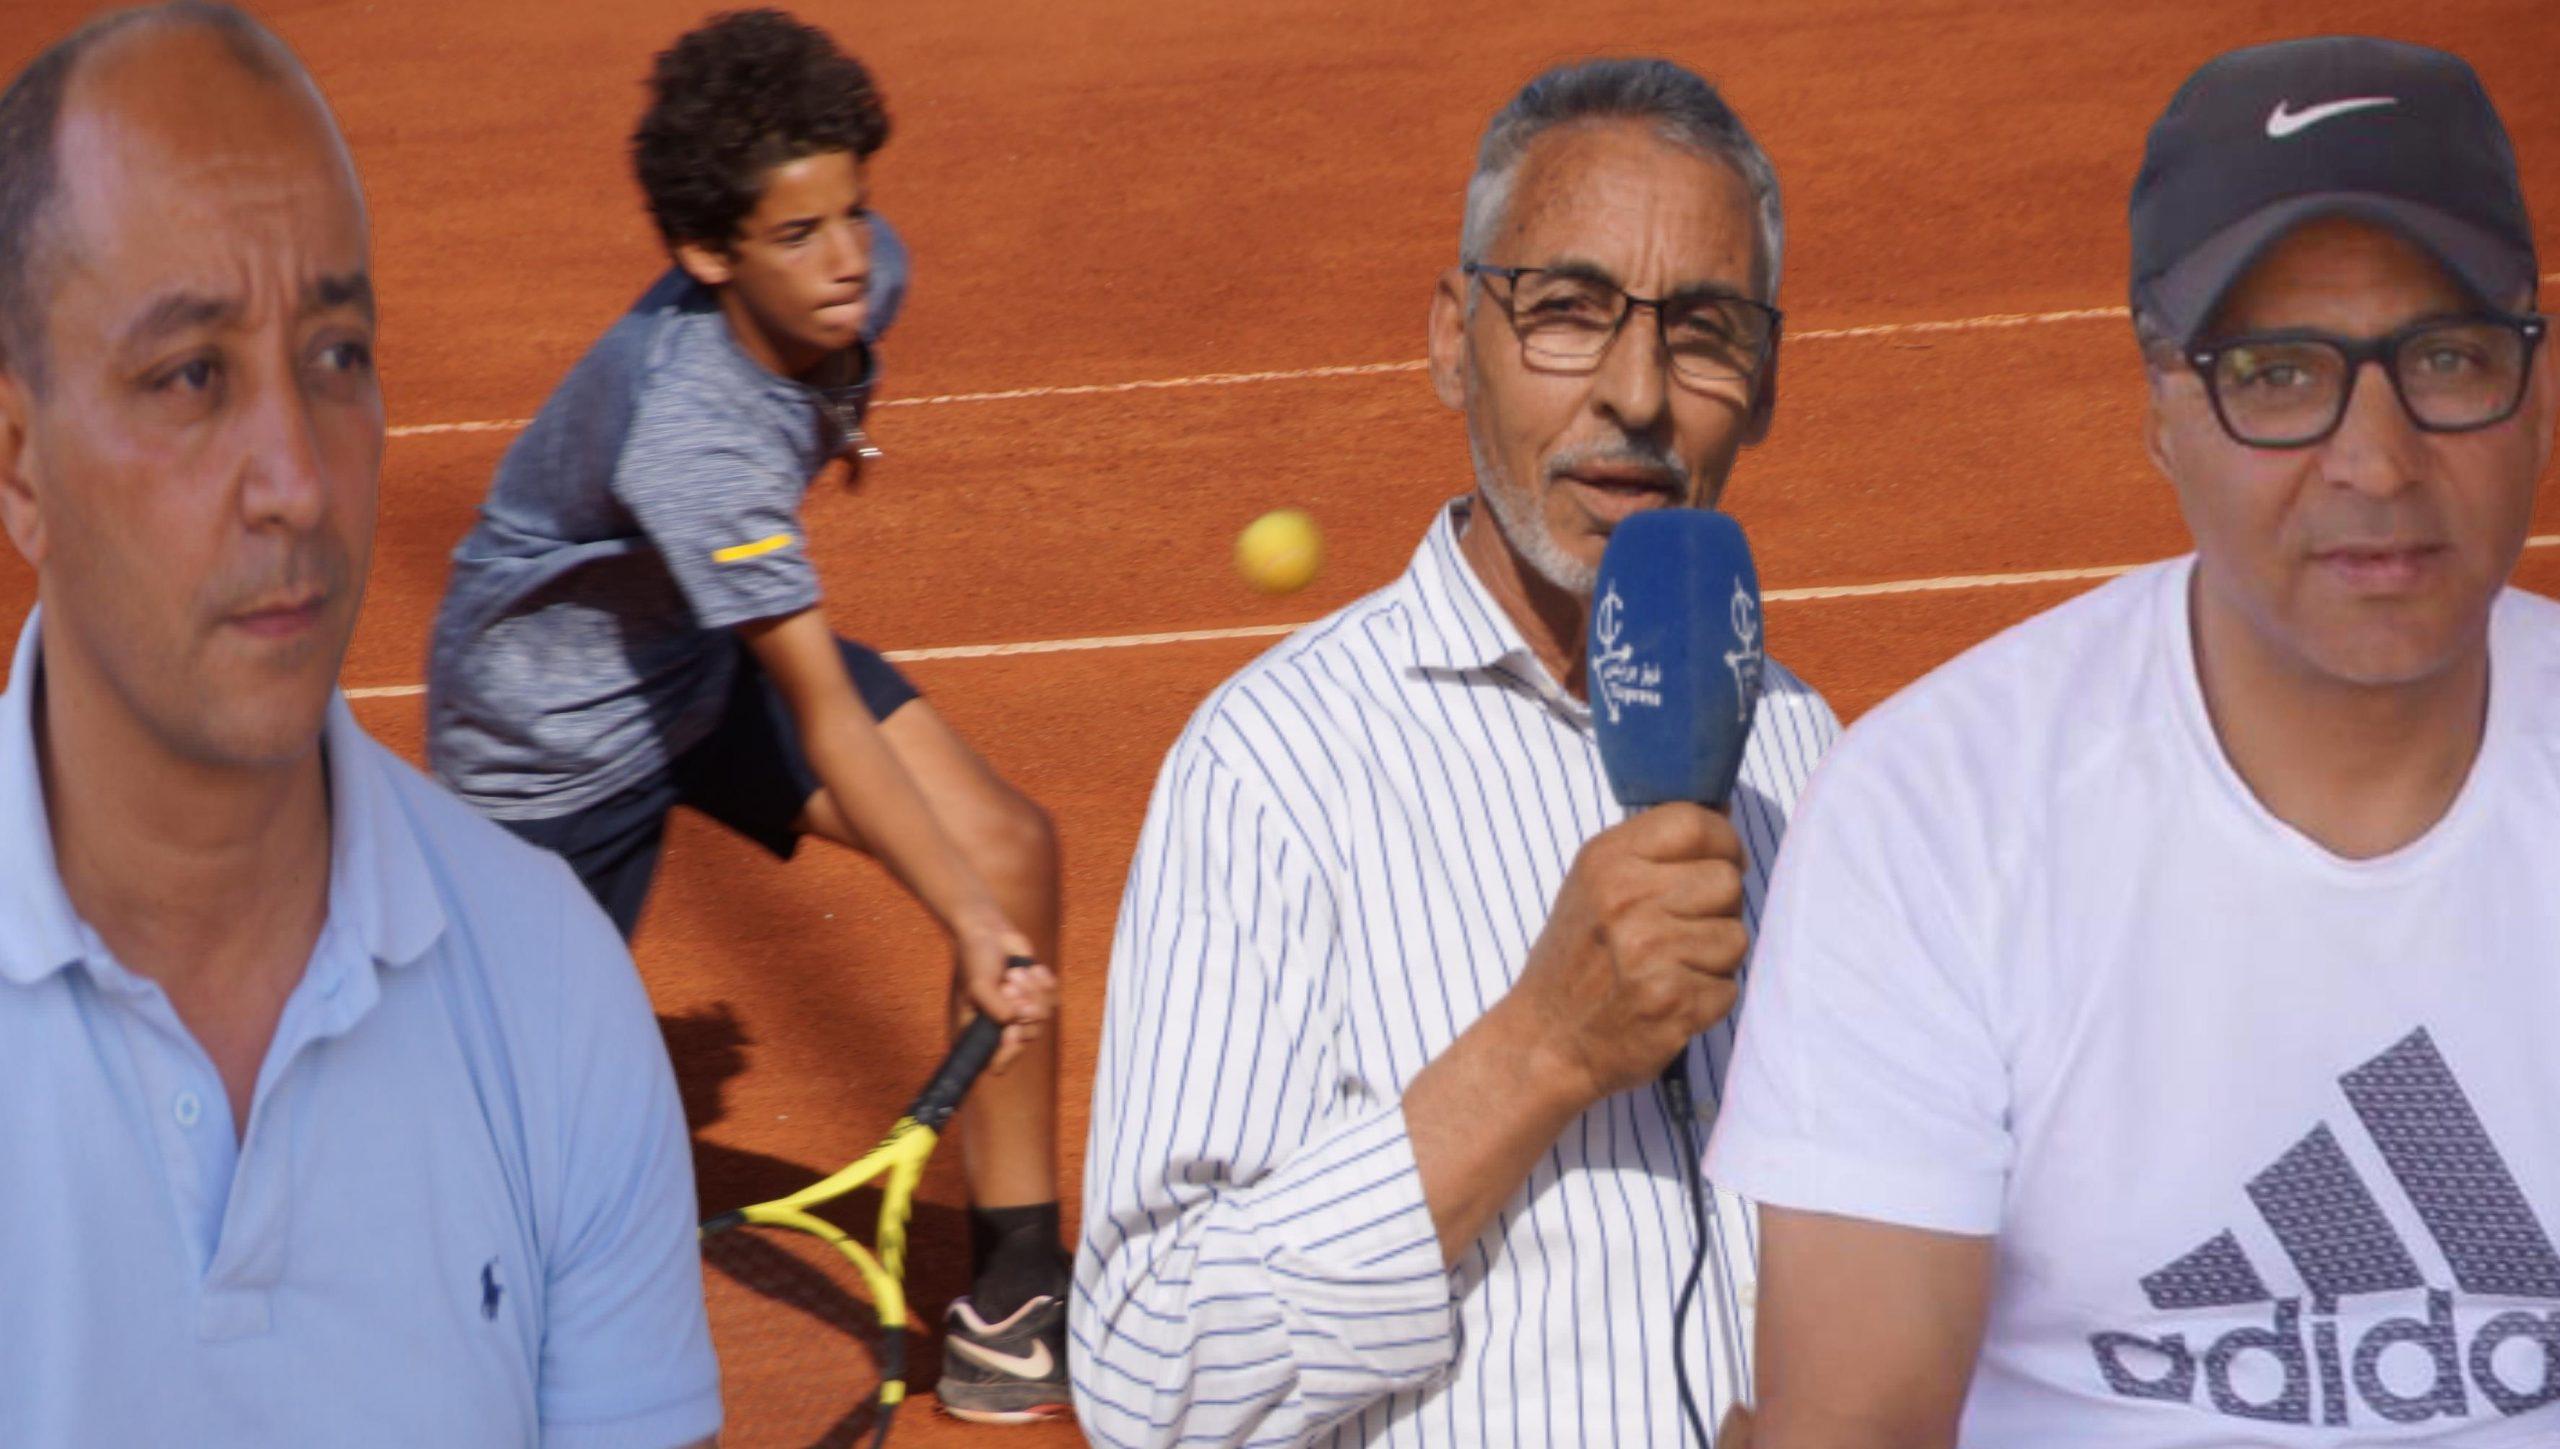 تيزنيت : نادي أمل تيزنيت للتنس يتألق في احتضان البطولة الوطنية لدوري الدرجة الثالثة لكرة المضرب